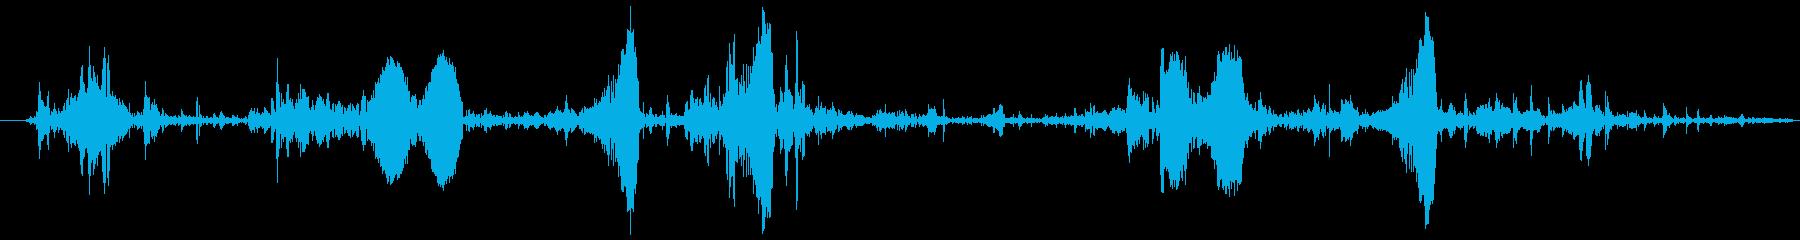 泡 気泡 湧き水(ボコボコ)の再生済みの波形